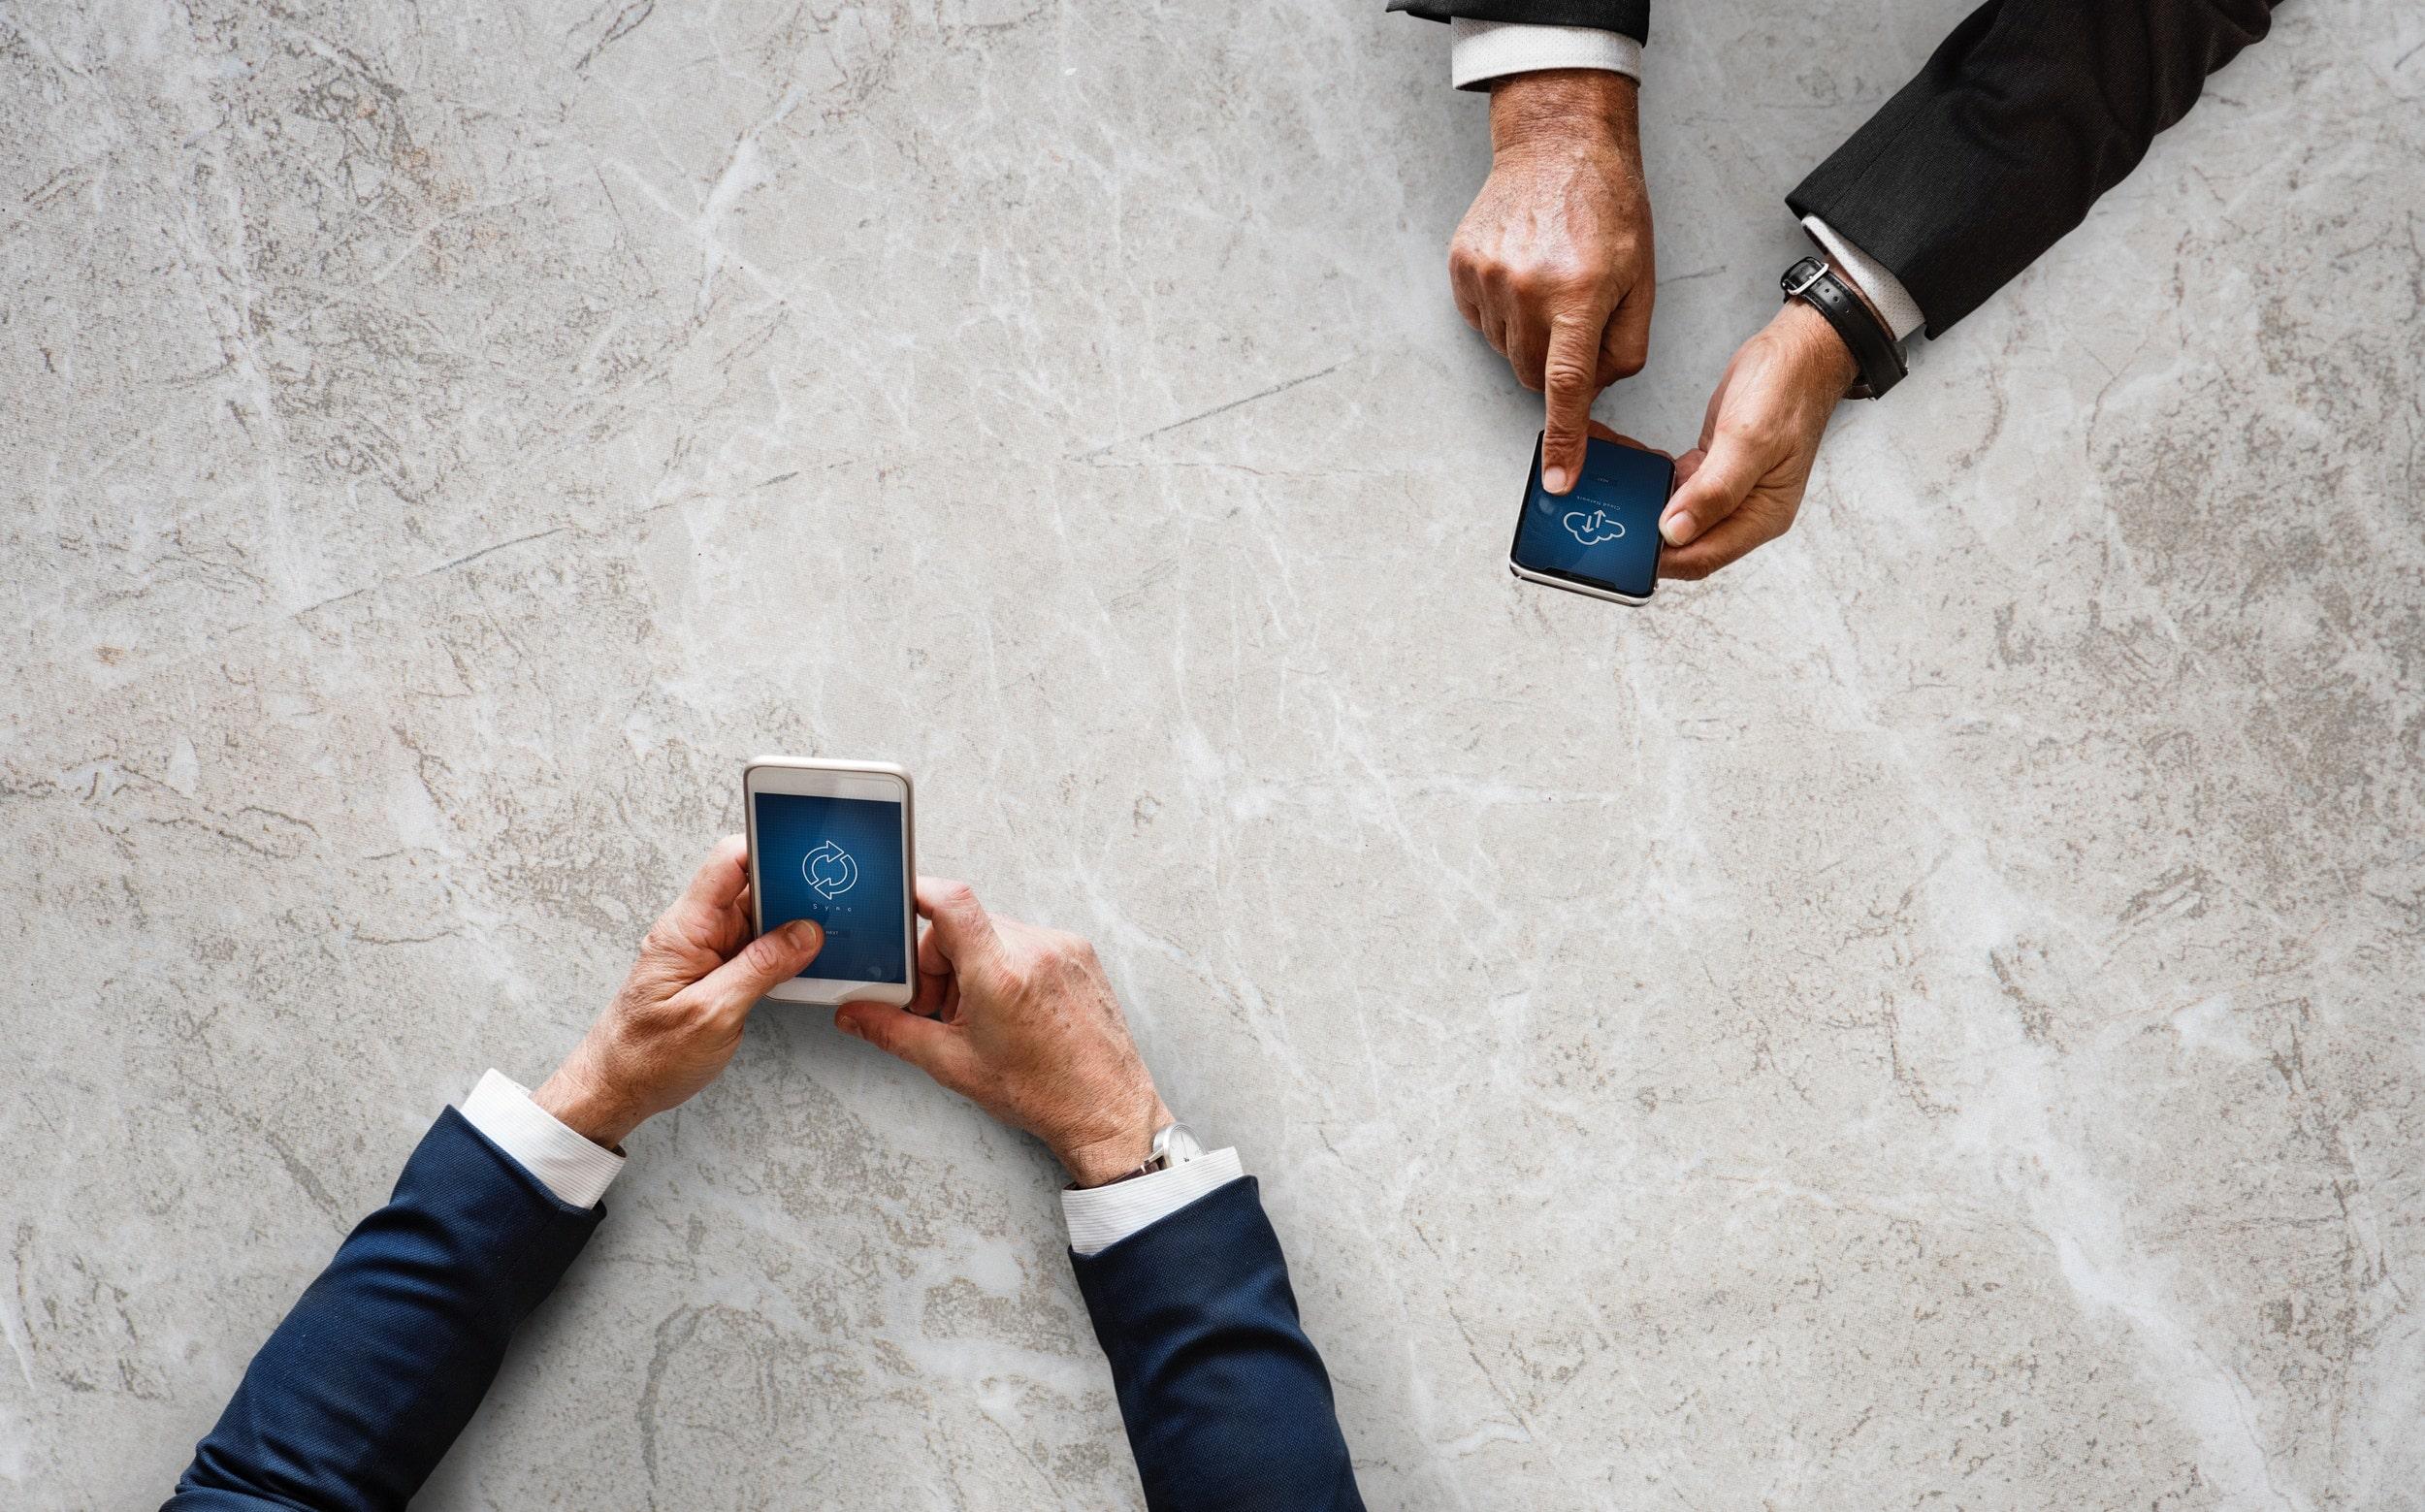 Bild zeigt die Digitalisierung der Arbeitswelt und die ständige Erreichbarkeit im Alltag